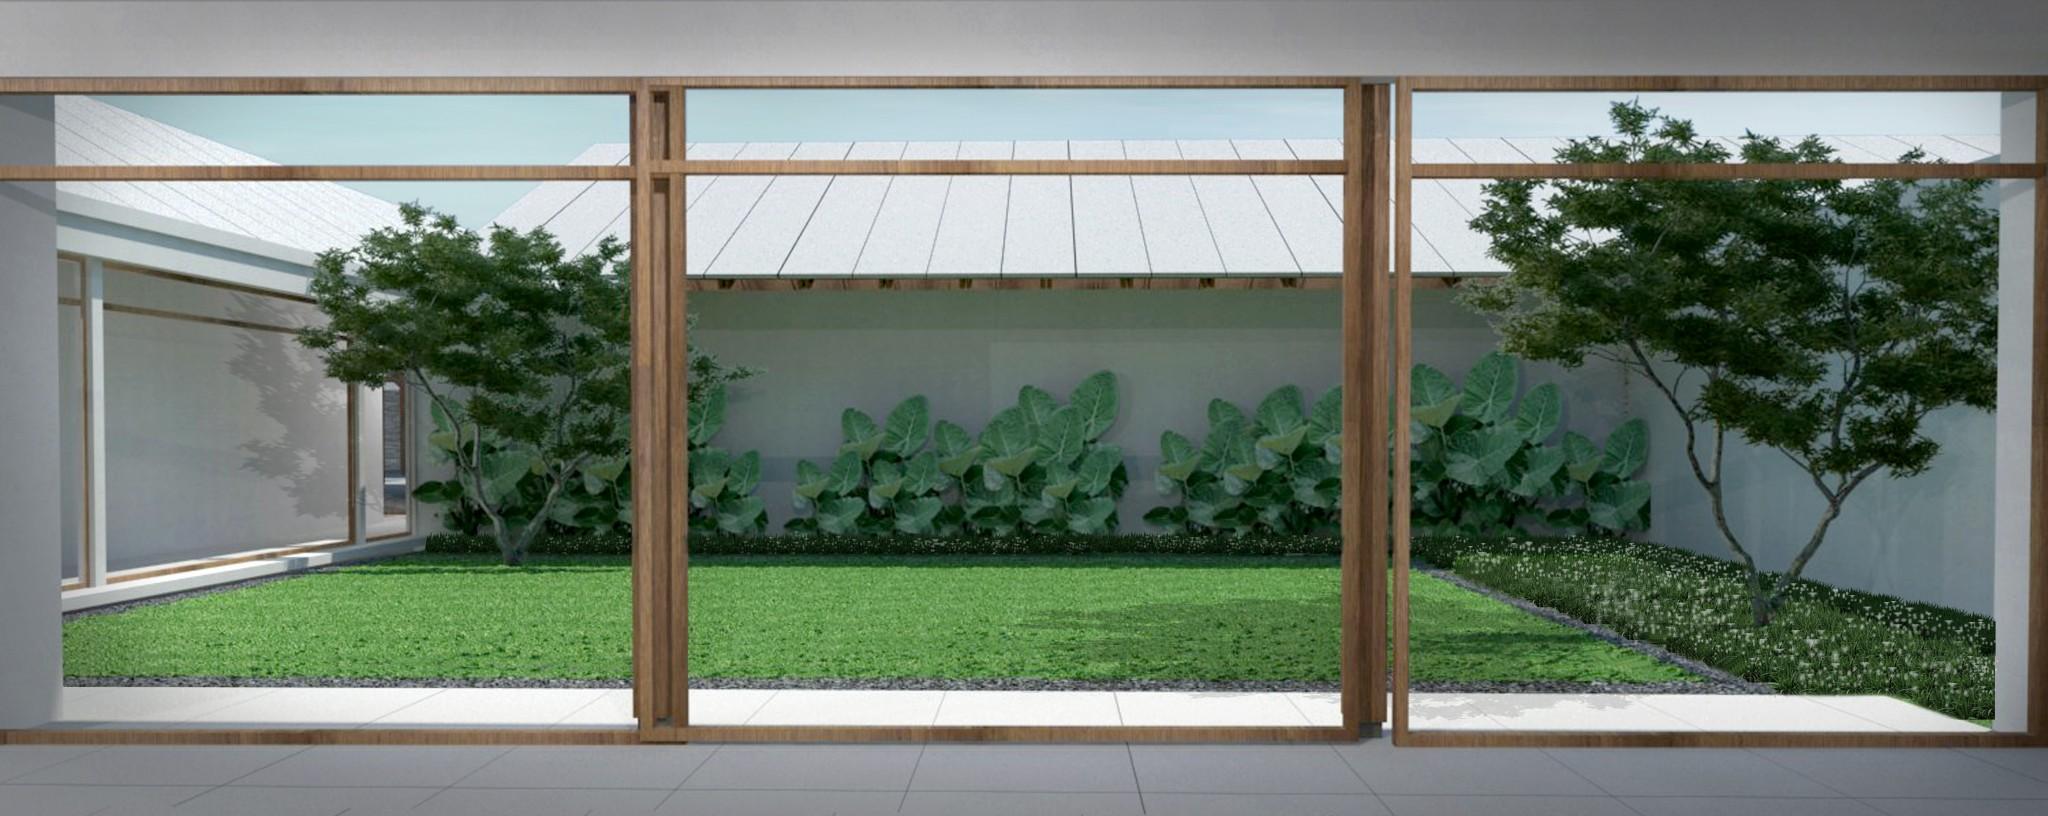 1031_05_Bedroom Garden